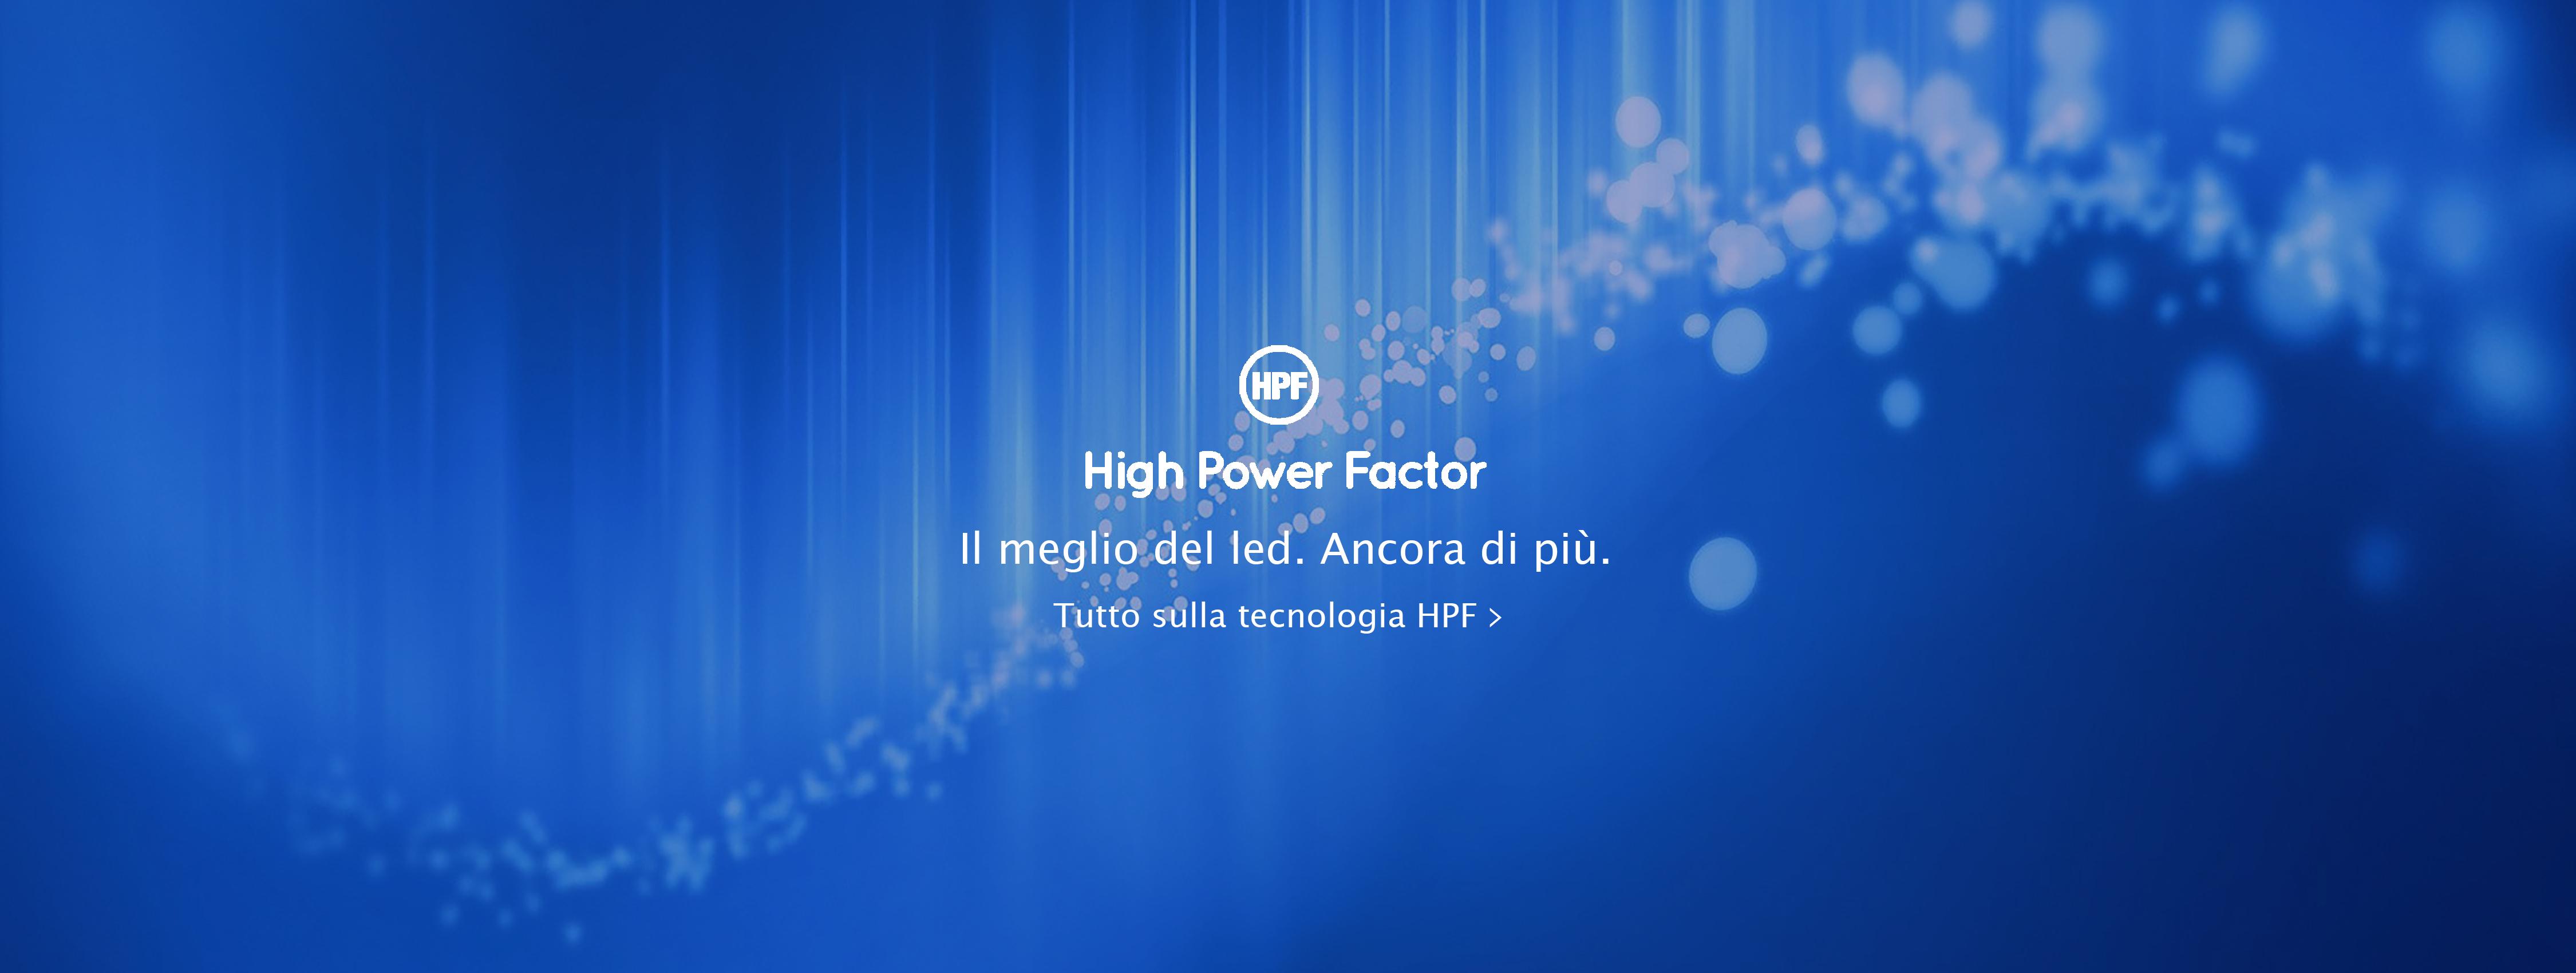 tecnologia hpf algeco